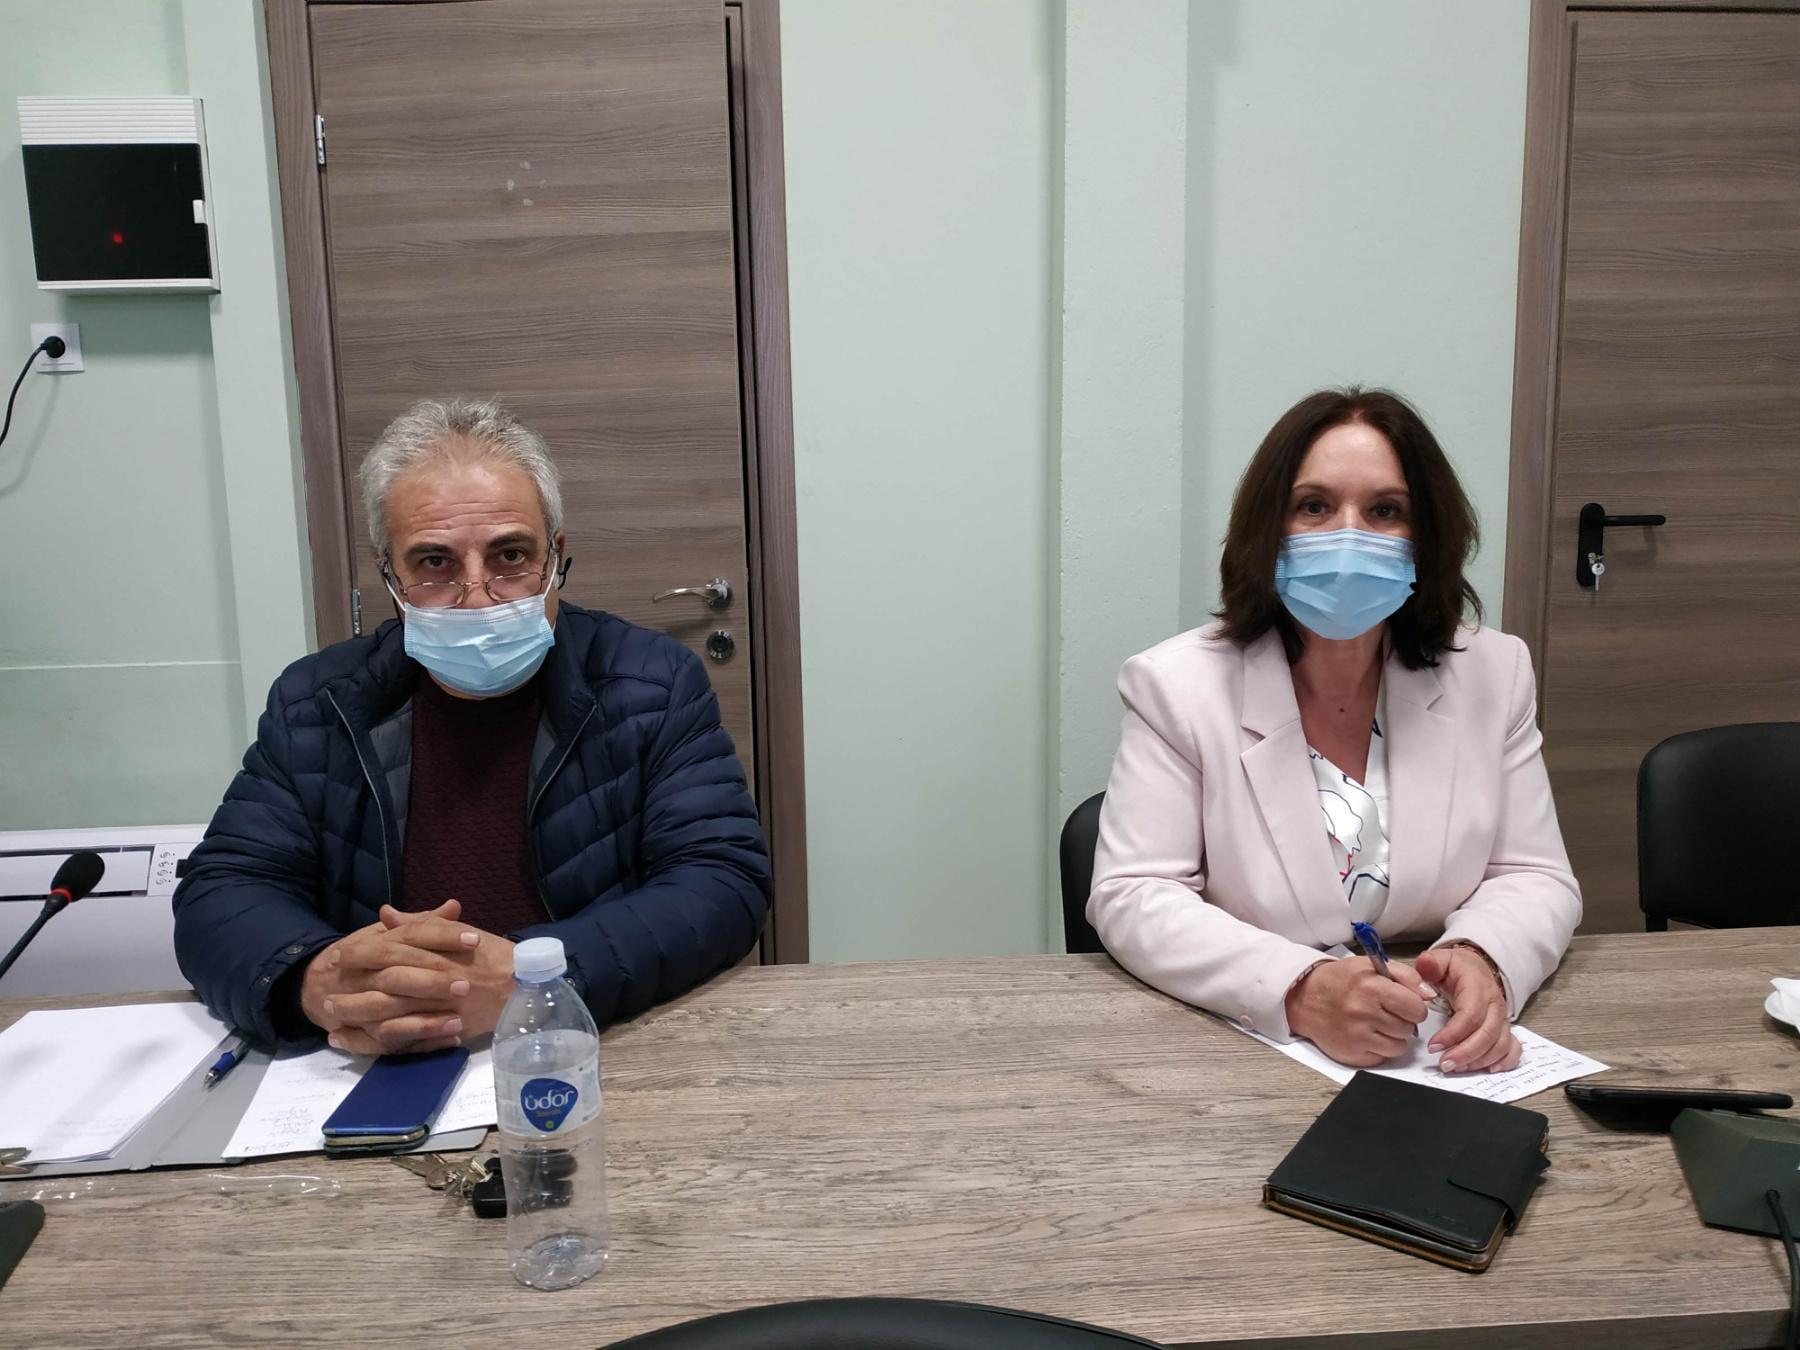 Καλλιόπη Βέττα: Οι αγρότες της Π.Ε. Κοζάνης πρέπει να αποζημιωθούν για το σύνολο της καταστροφής που υπέστησαν λόγω του πρόσφατου παγετού– Επίσκεψη στον Βελβεντό, Πύργους και Μεσόβουνο